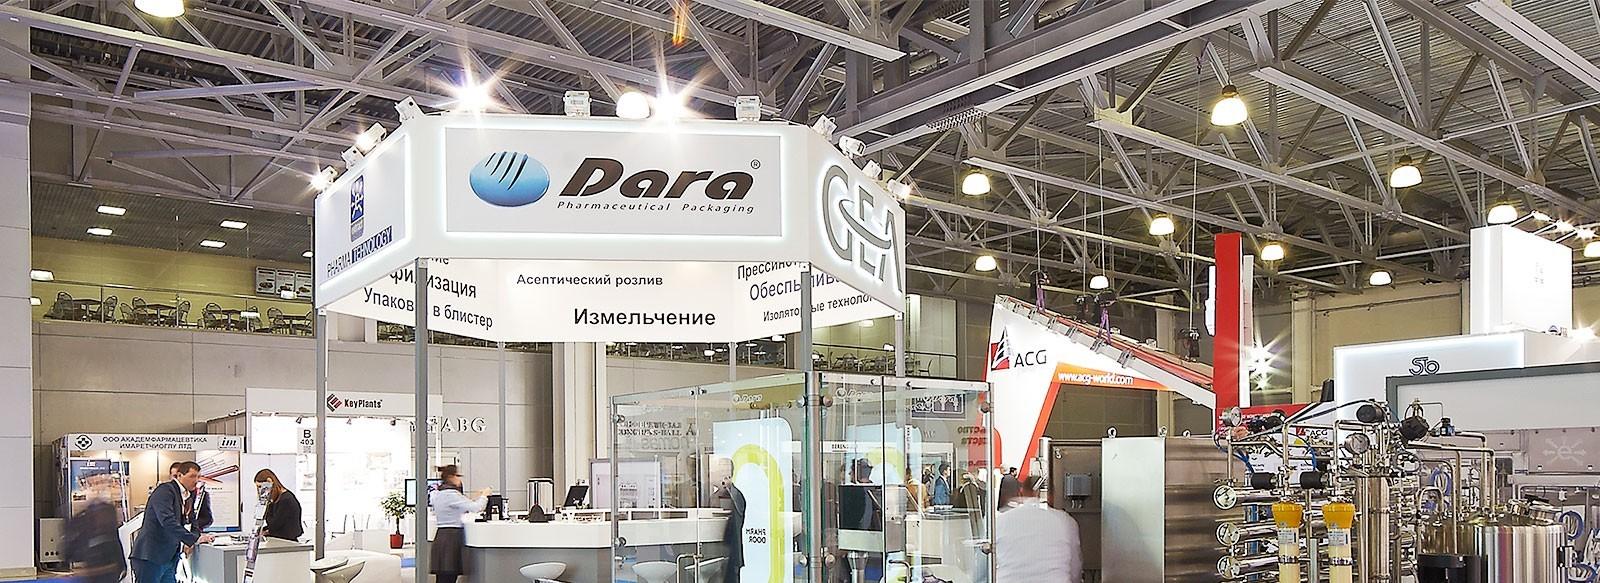 Pharmtech 2015 - Moscú